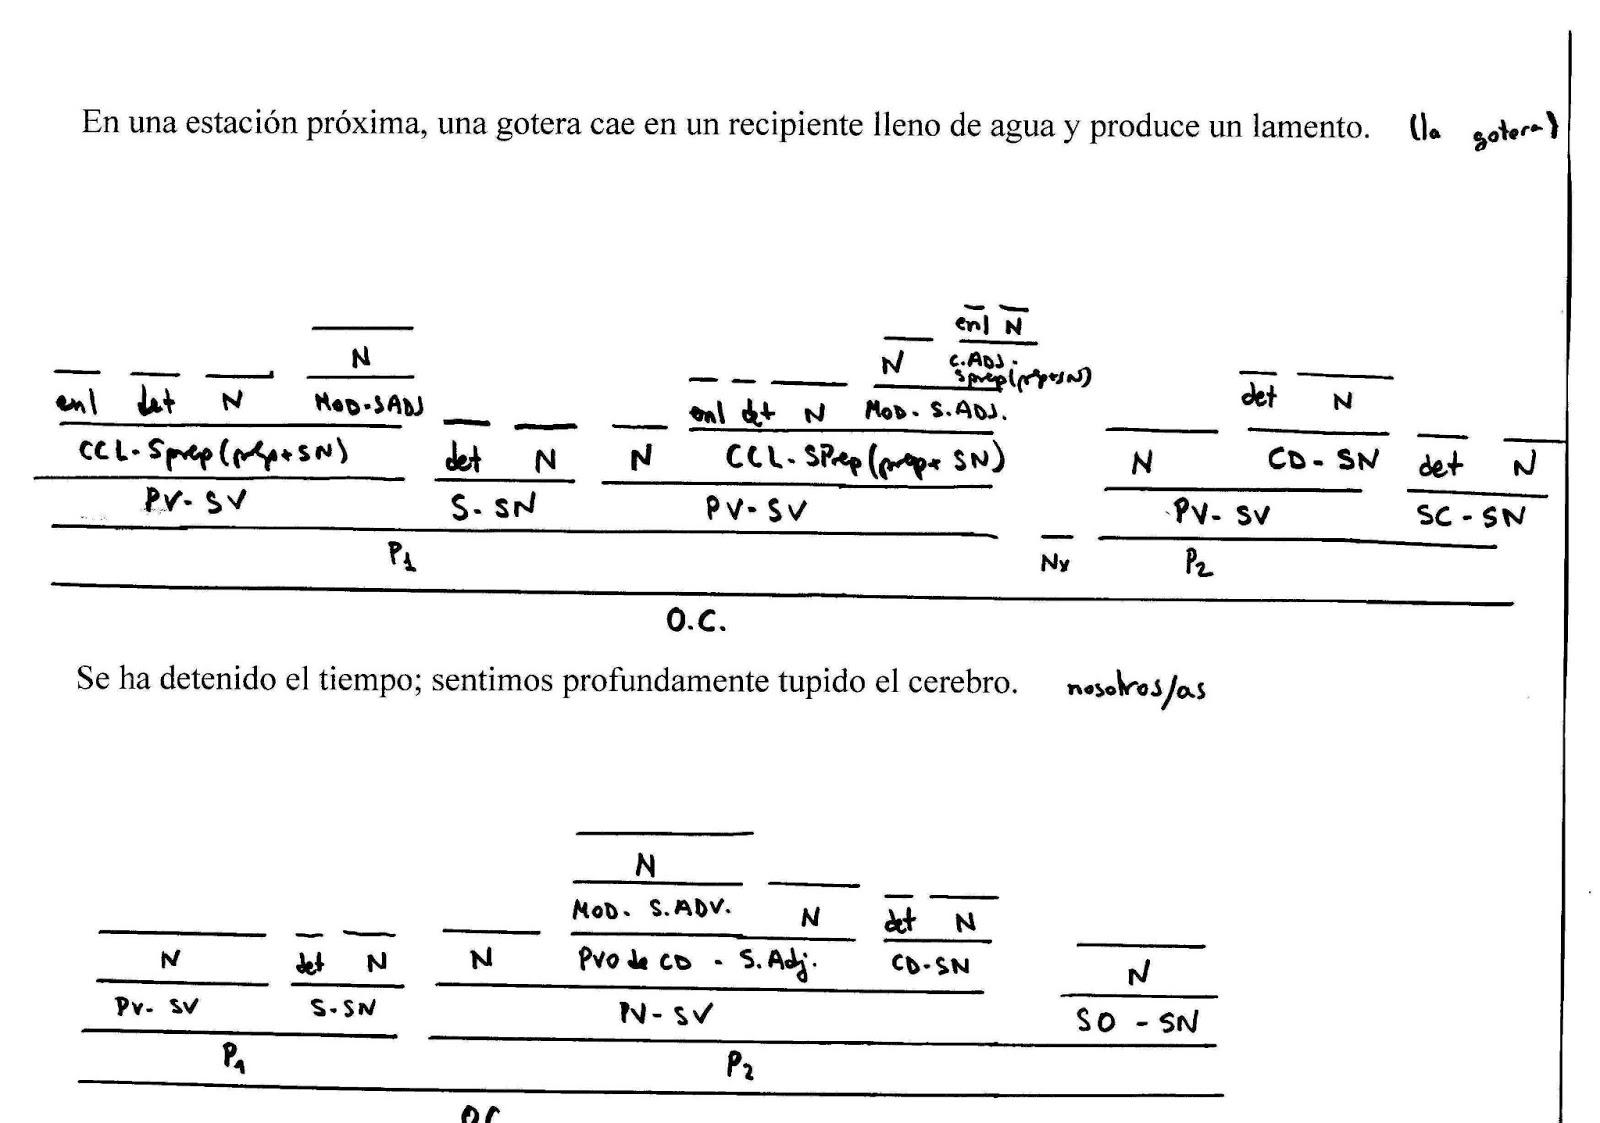 ejercicios de sintaxis lengua: